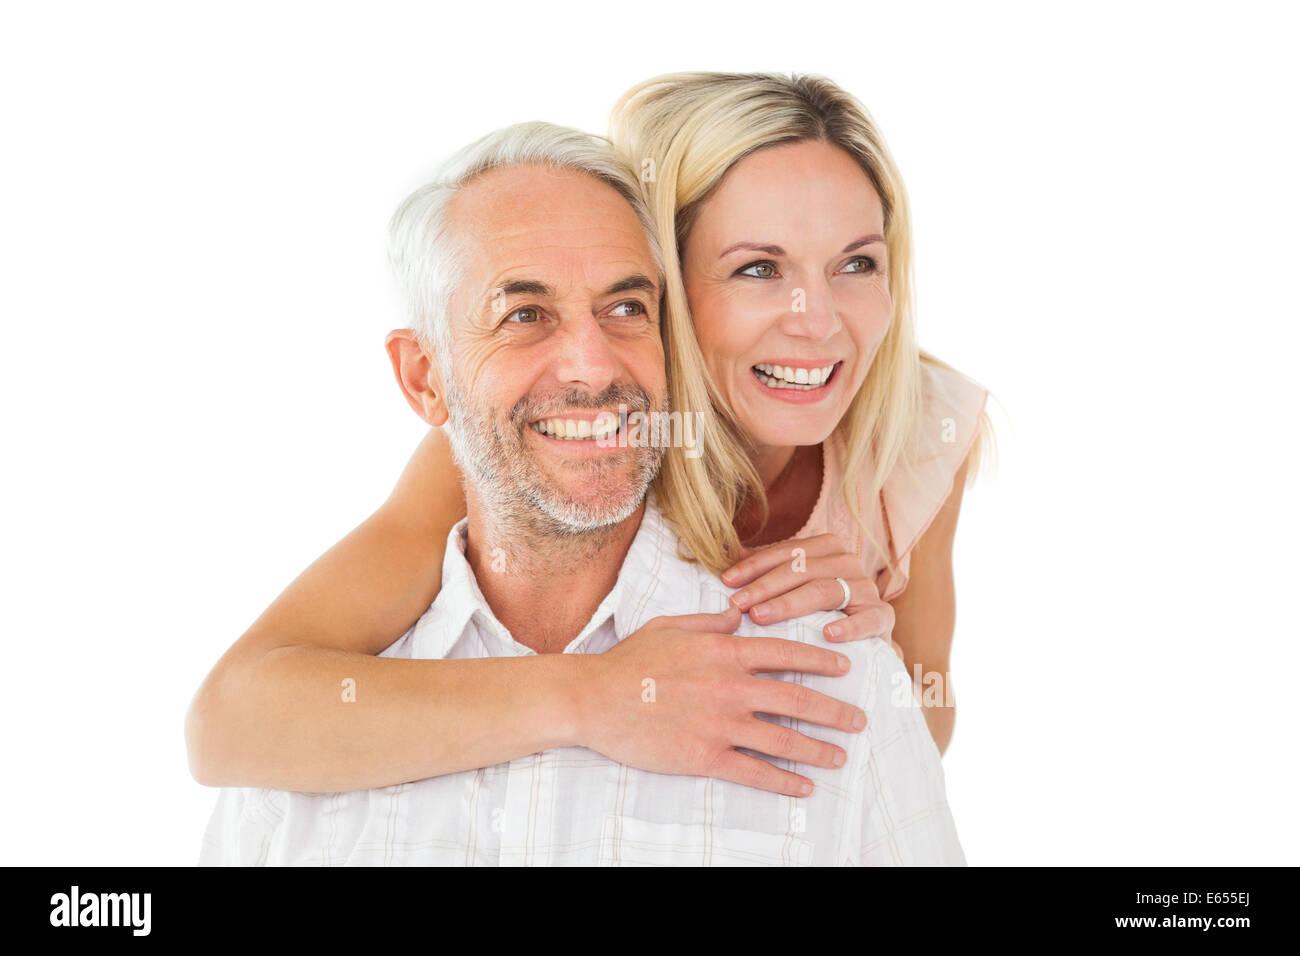 Glücklicher Mann mit seinem Partner eine Huckepack Stockbild